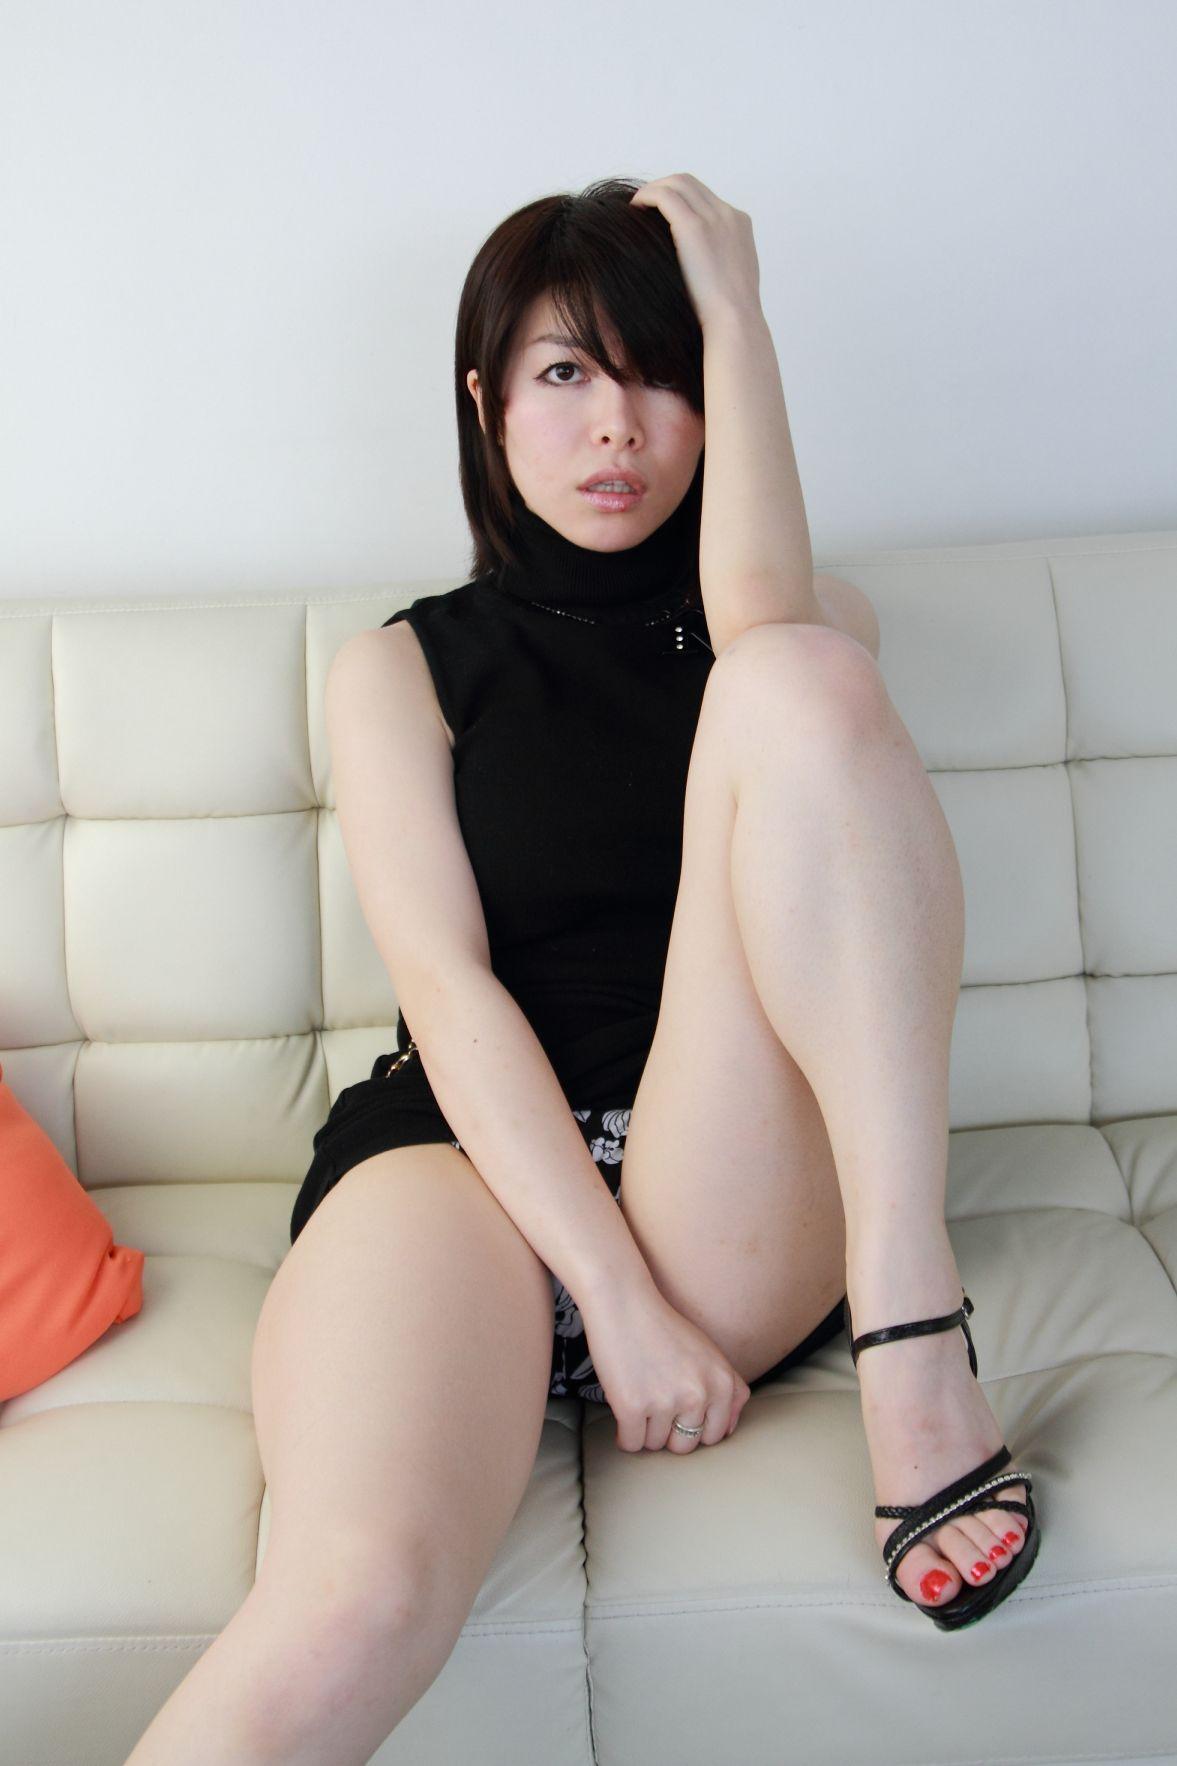 緒川凛 画像 52